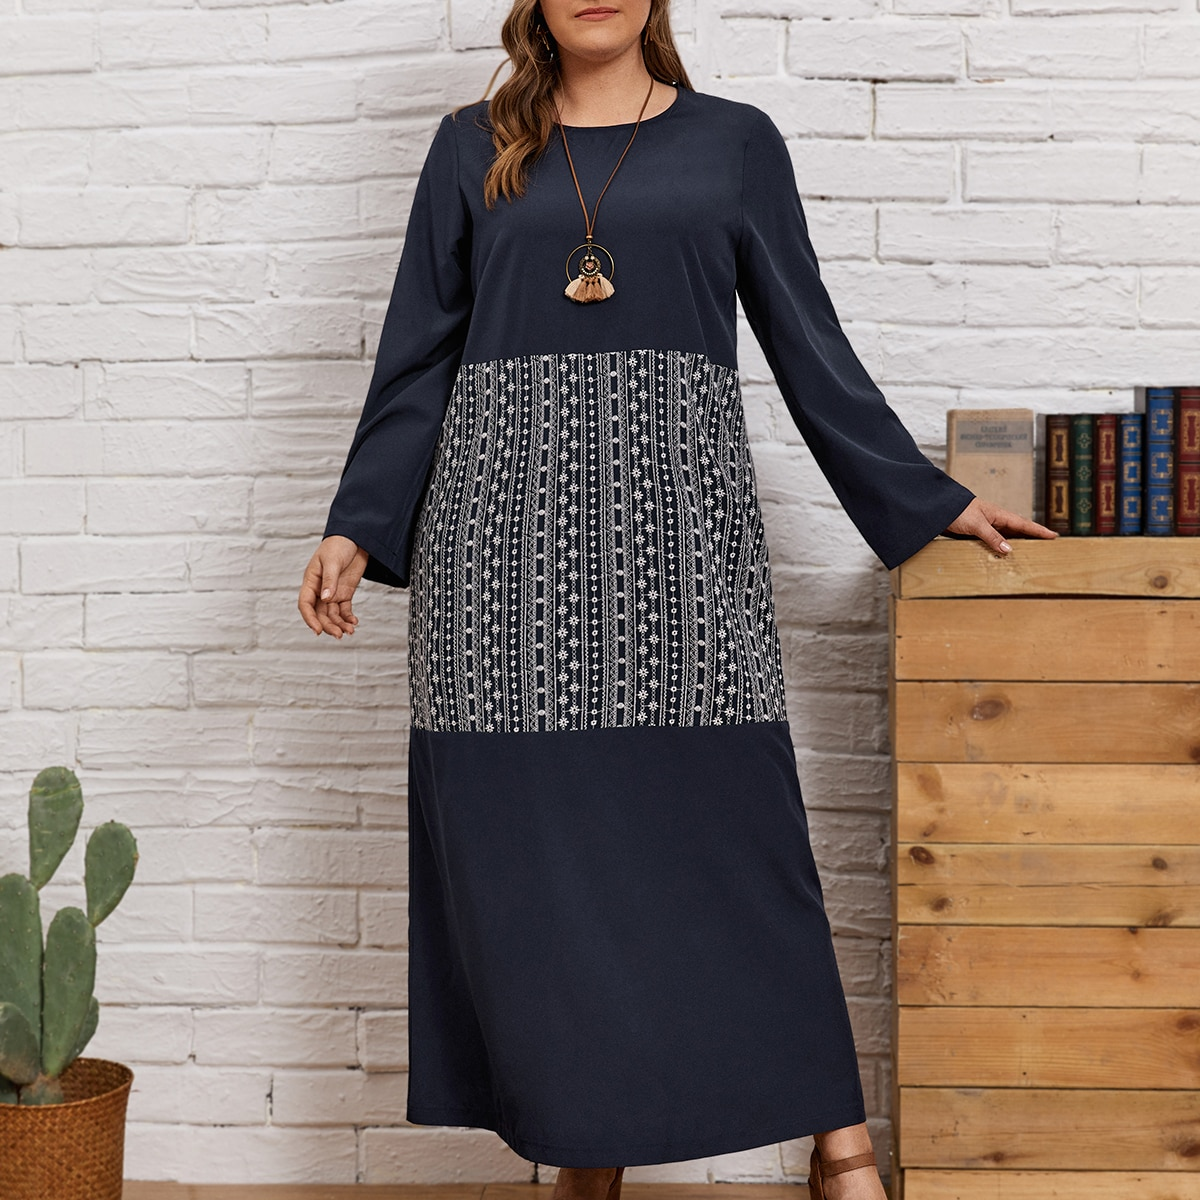 Контрастное платье размера плюс с геометрическим принтом